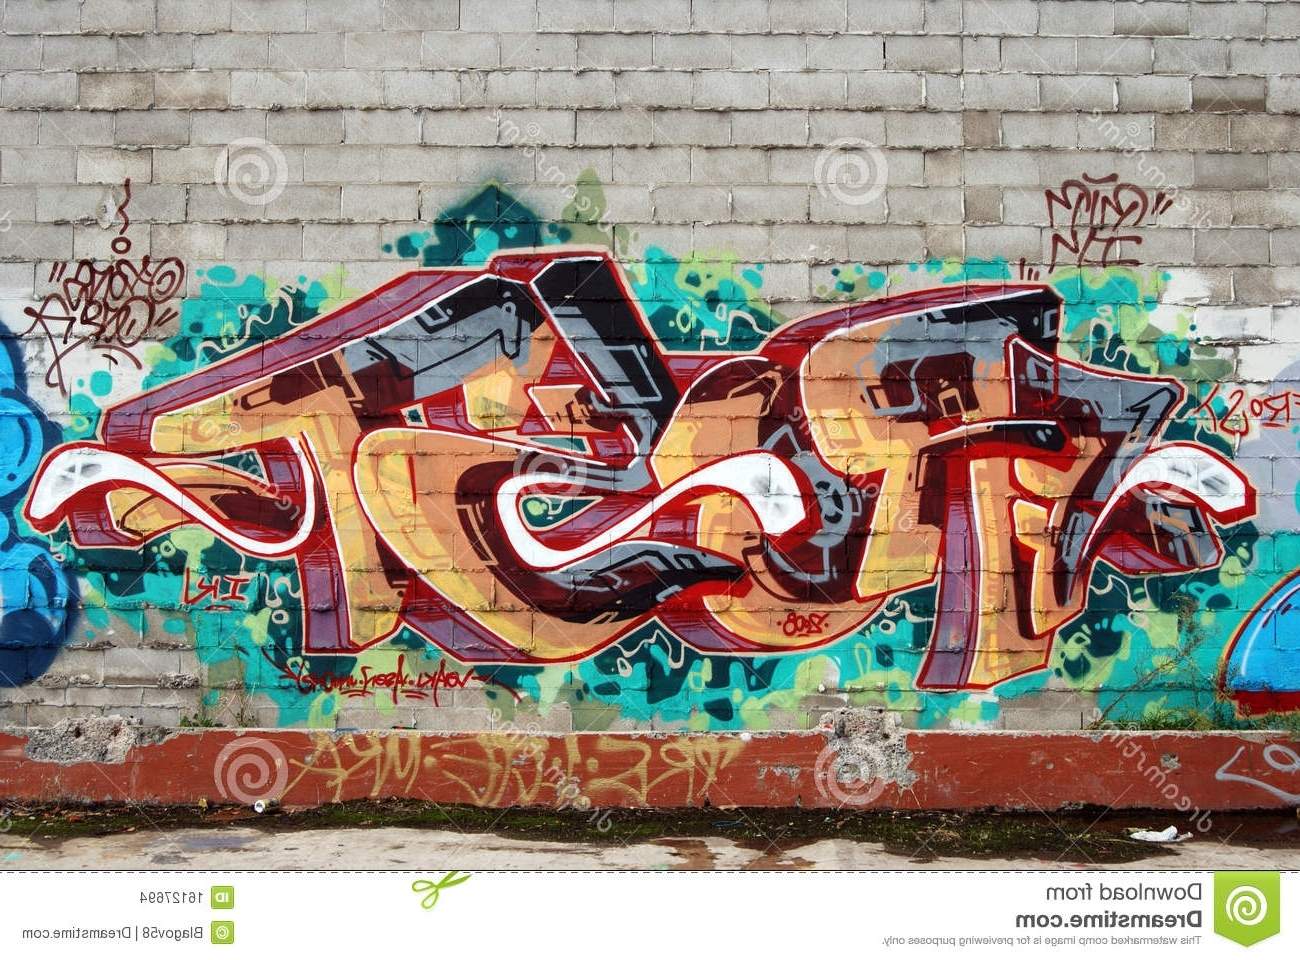 2017 Graffiti Wall Art Pertaining To A Wall Vandalized With Street Graffiti Art Stock Photo – Image Of (View 7 of 15)